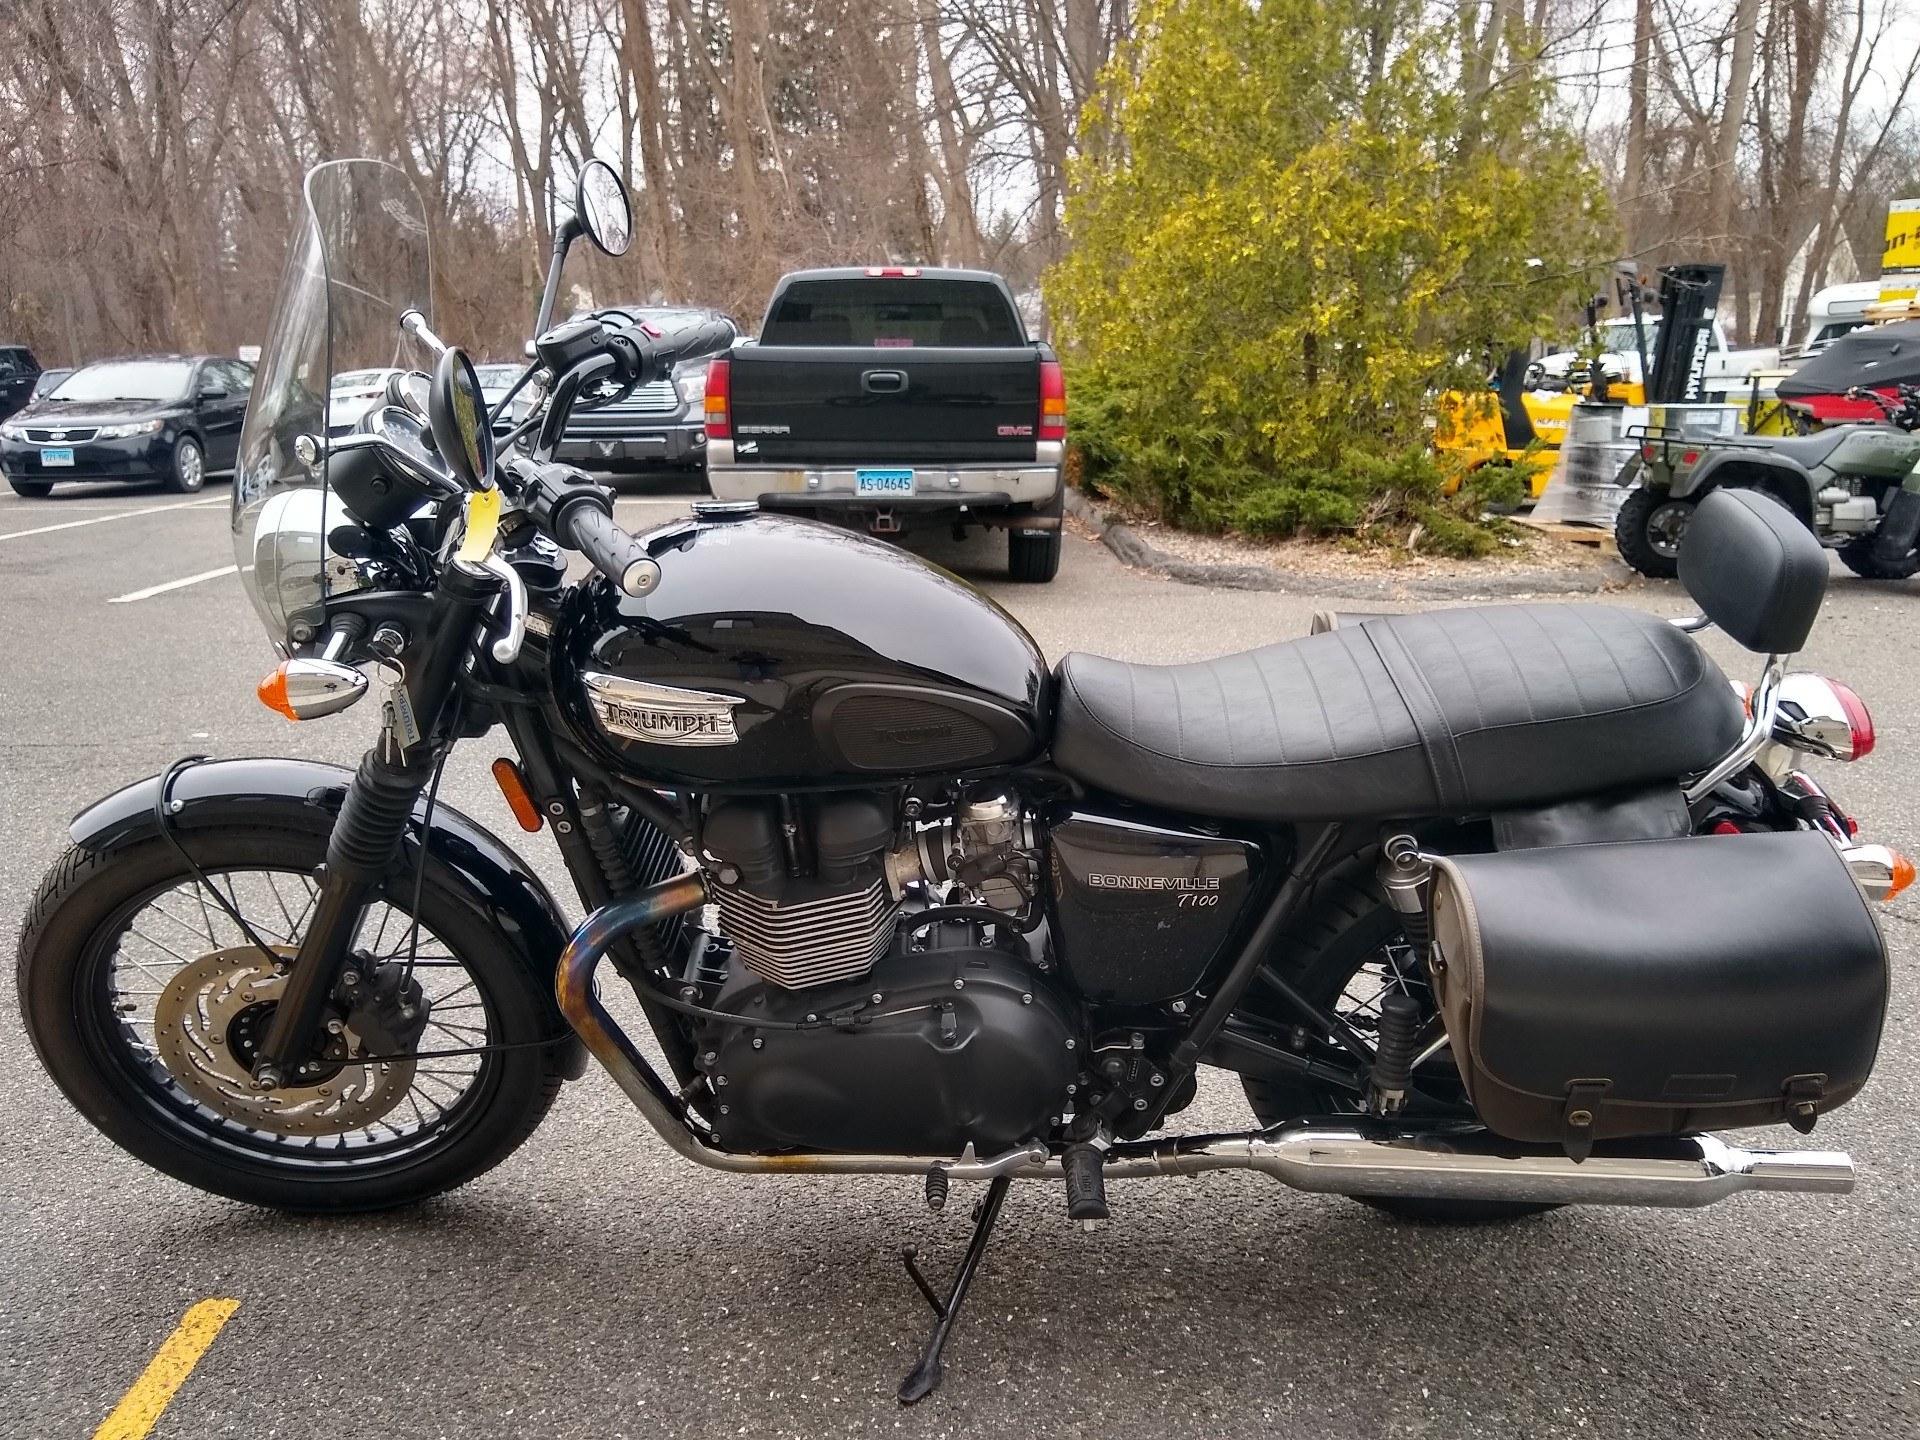 2015 Triumph Bonneville T100 Black in Enfield, Connecticut